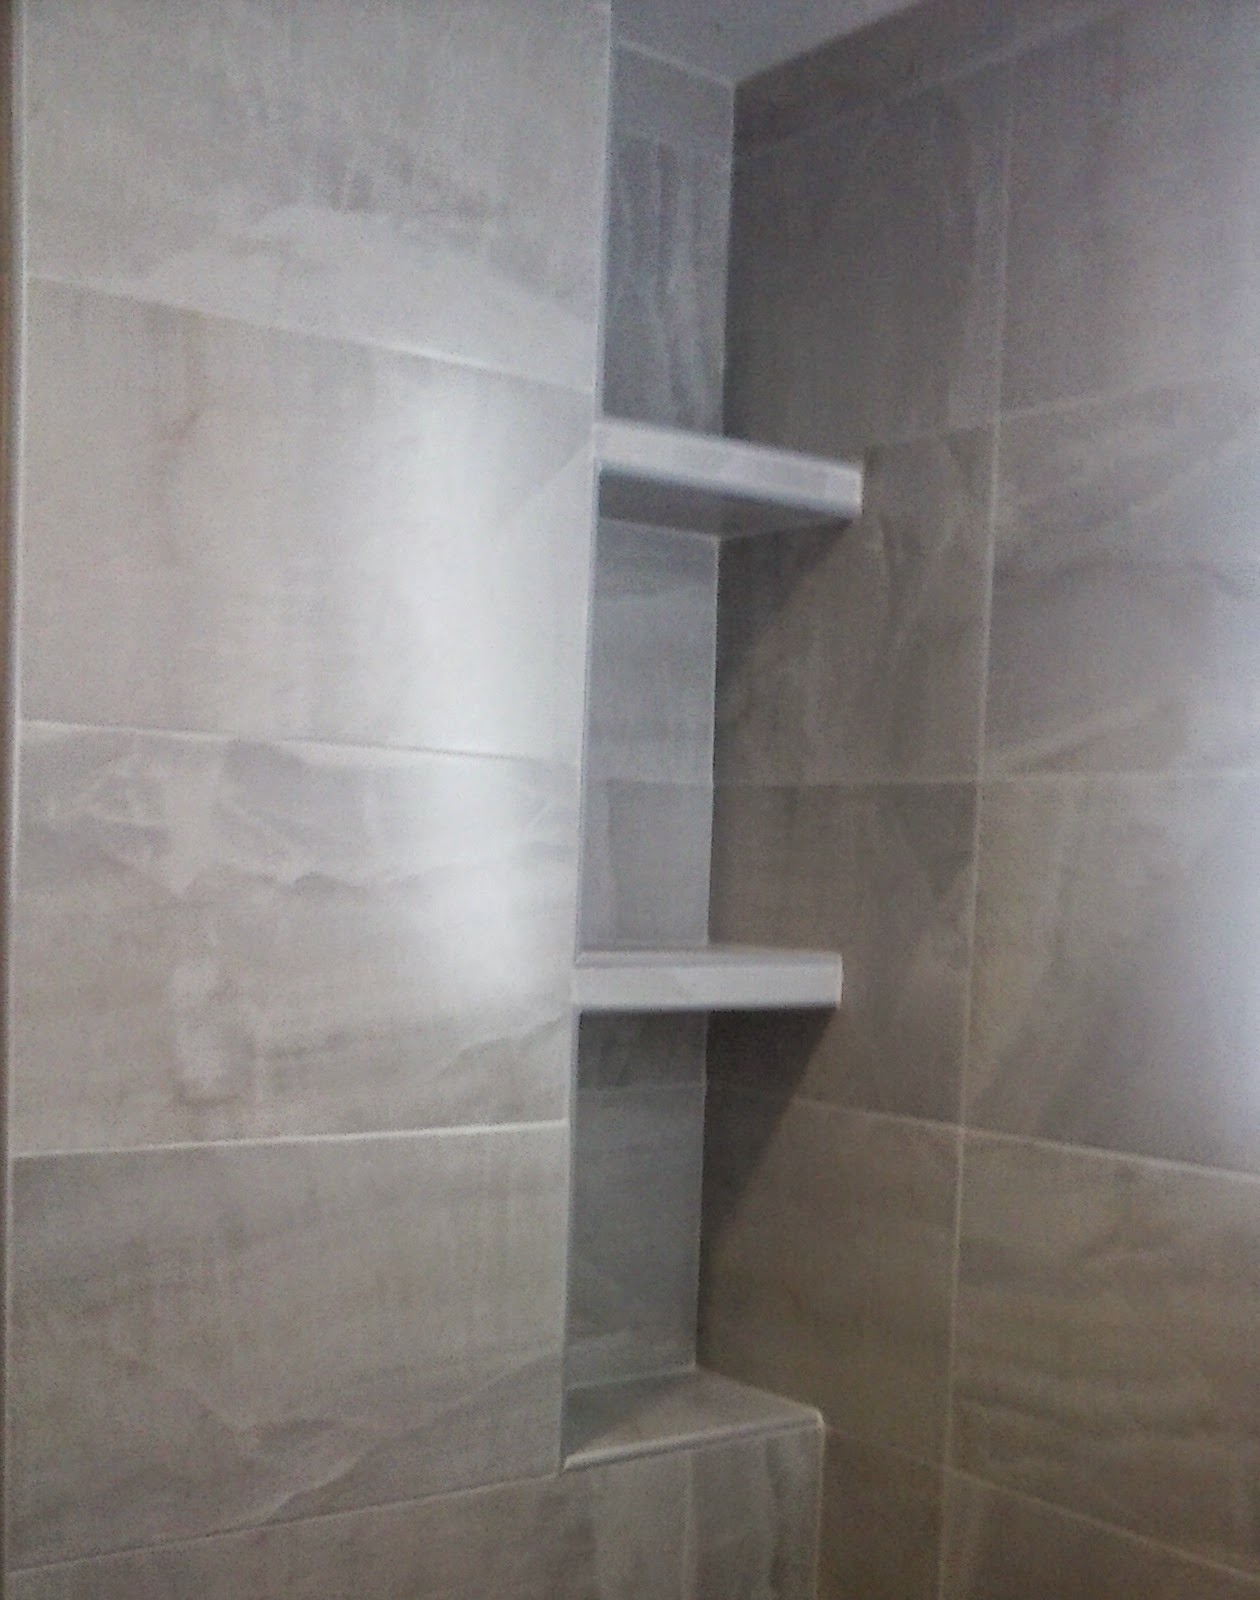 Reformas y construcciones enrique guerrero reforma de ba o - Repisas de marmol ...